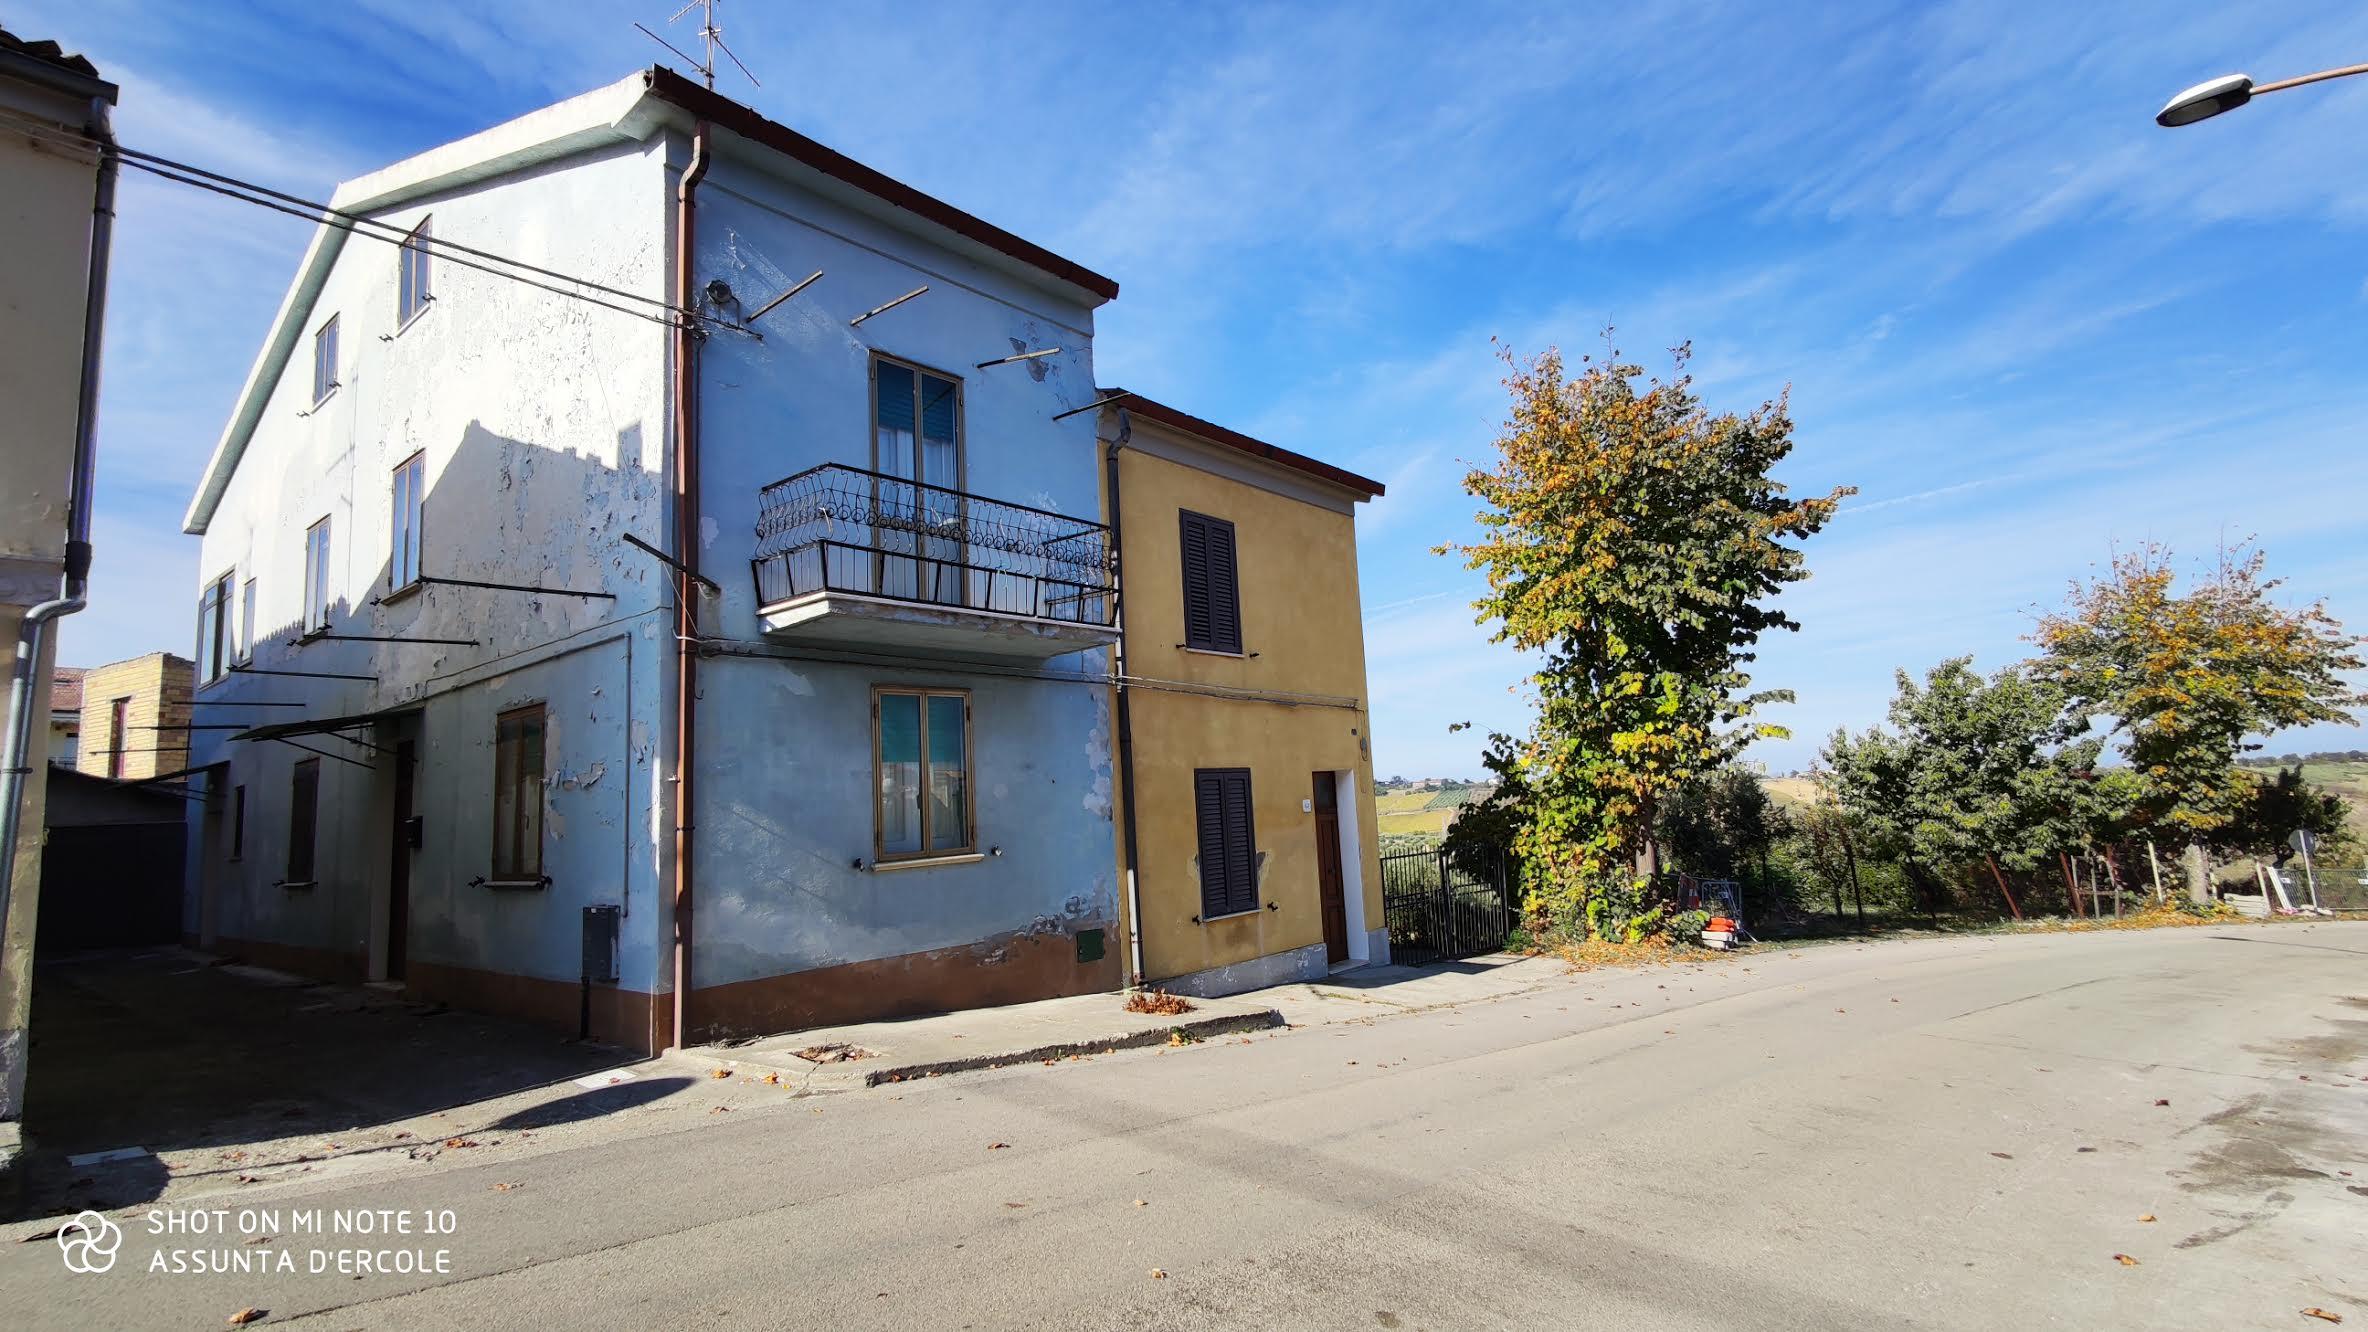 rif 1222 – Casa abitabile con cortile e orto – € 79000